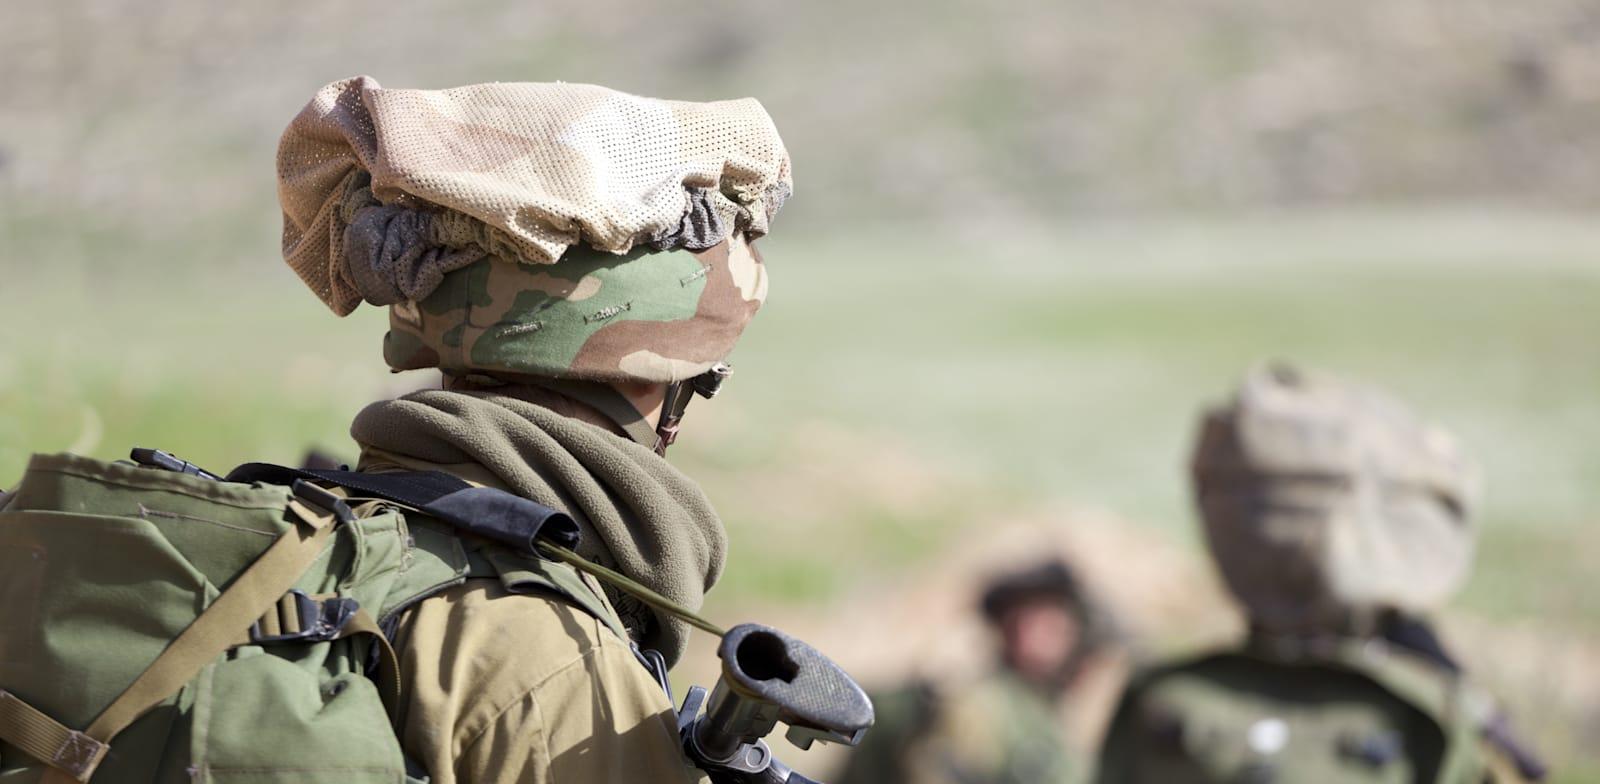 העלאת שכר חיילי החובה: זה לא ליברמן - זה גנץ